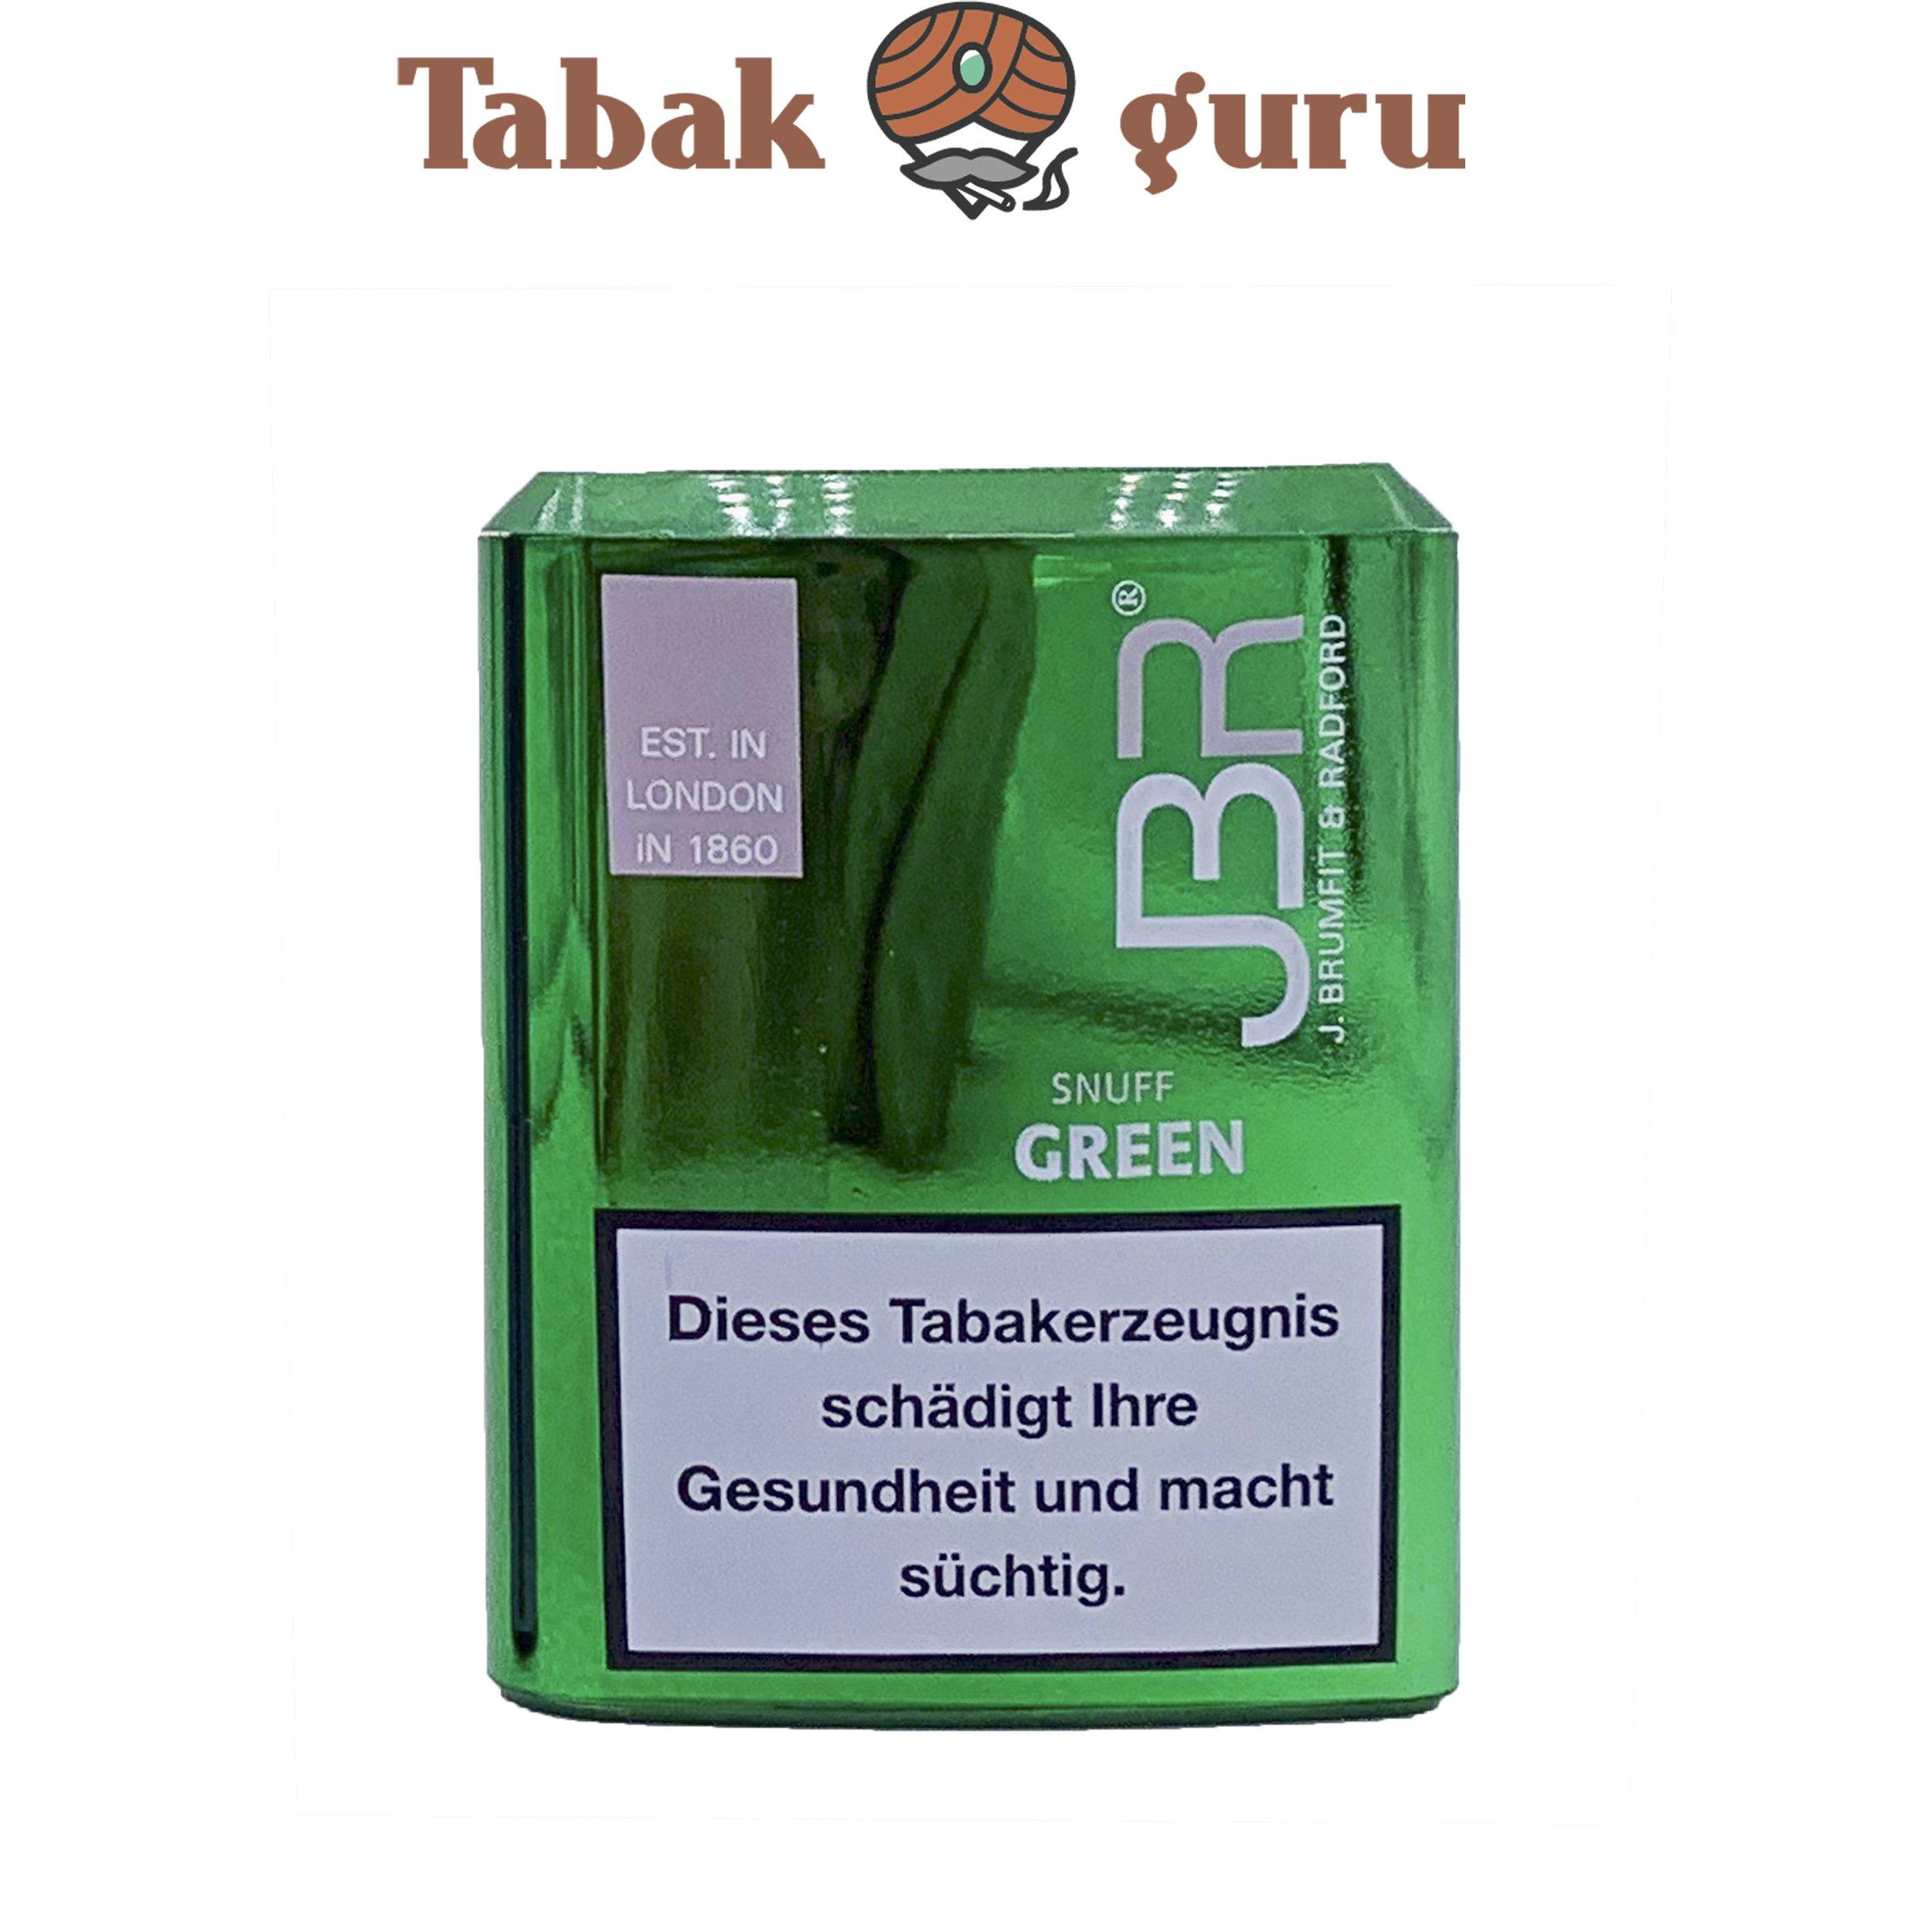 JBR Green / Wintergreen Snuff Schnupftabak von Pöschl